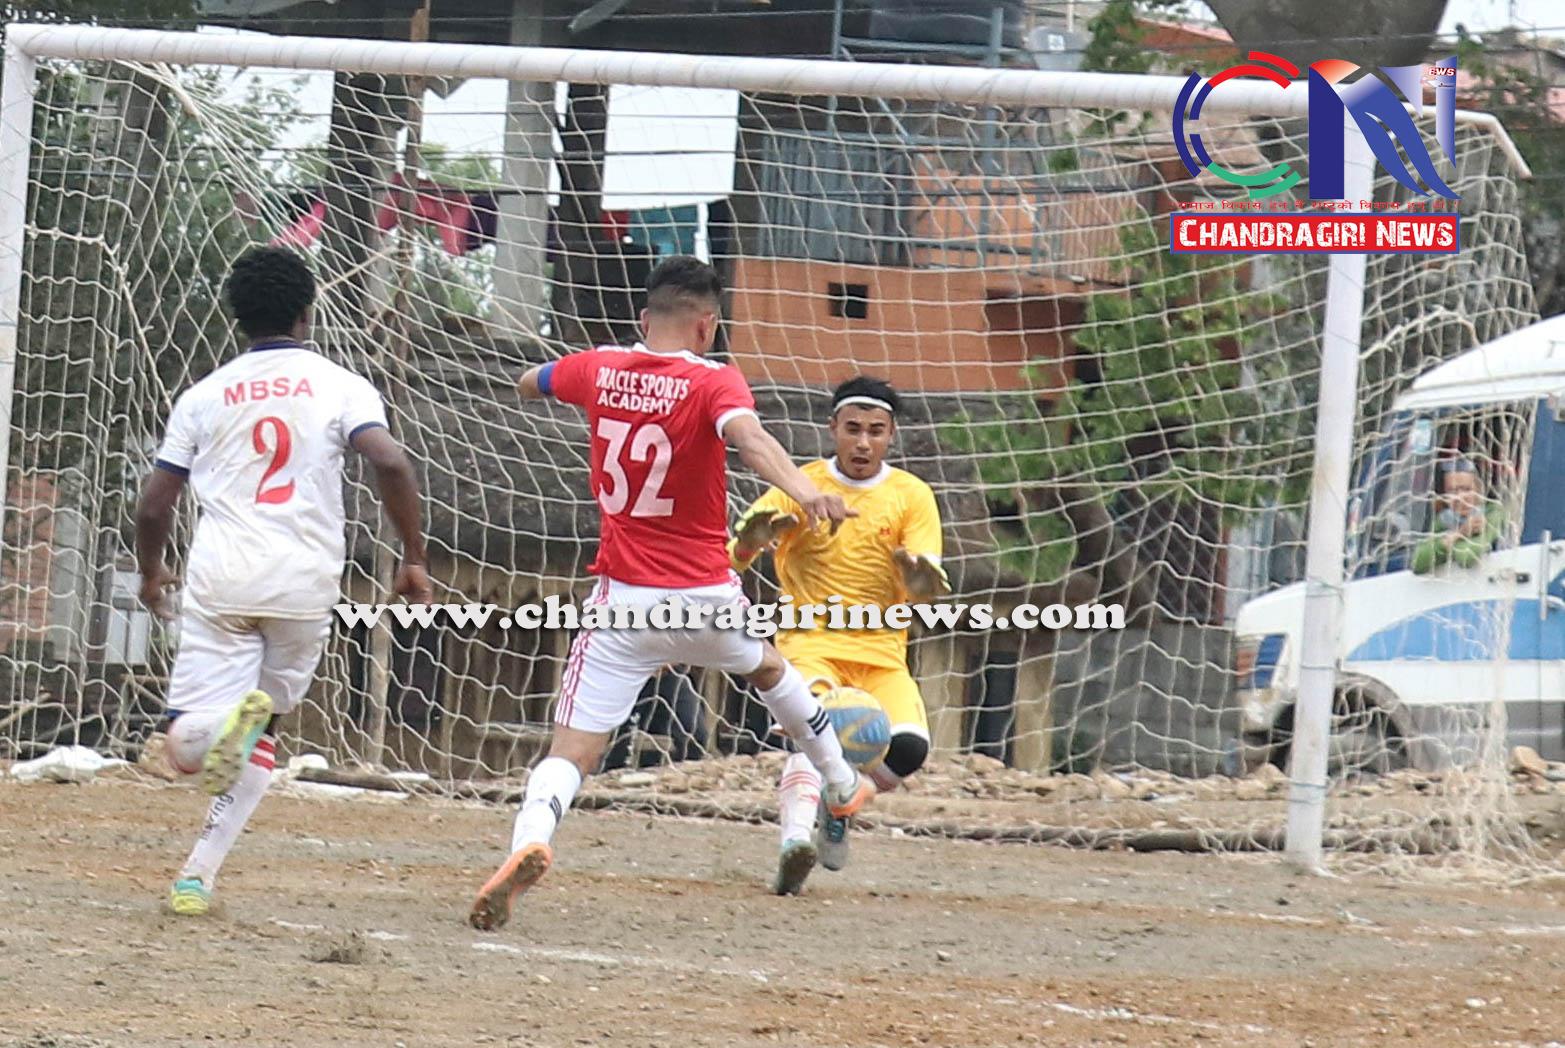 Chandragirinews western-united-3rd-game-9 चाैठाै नेपाललय वईस्टन युनाईटेड क्लवकप फुटबल प्रतियाेगितामा ब्लु बेल फुटबल क्लब र वराकल रे स्पोर्ट्स एकेडेमीको विजयी सुरुवात खेलकुद नगरपालिका ब्रेकिंग न्युज मातातिर्थ मुख्य राष्ट्रिय    chandragiri